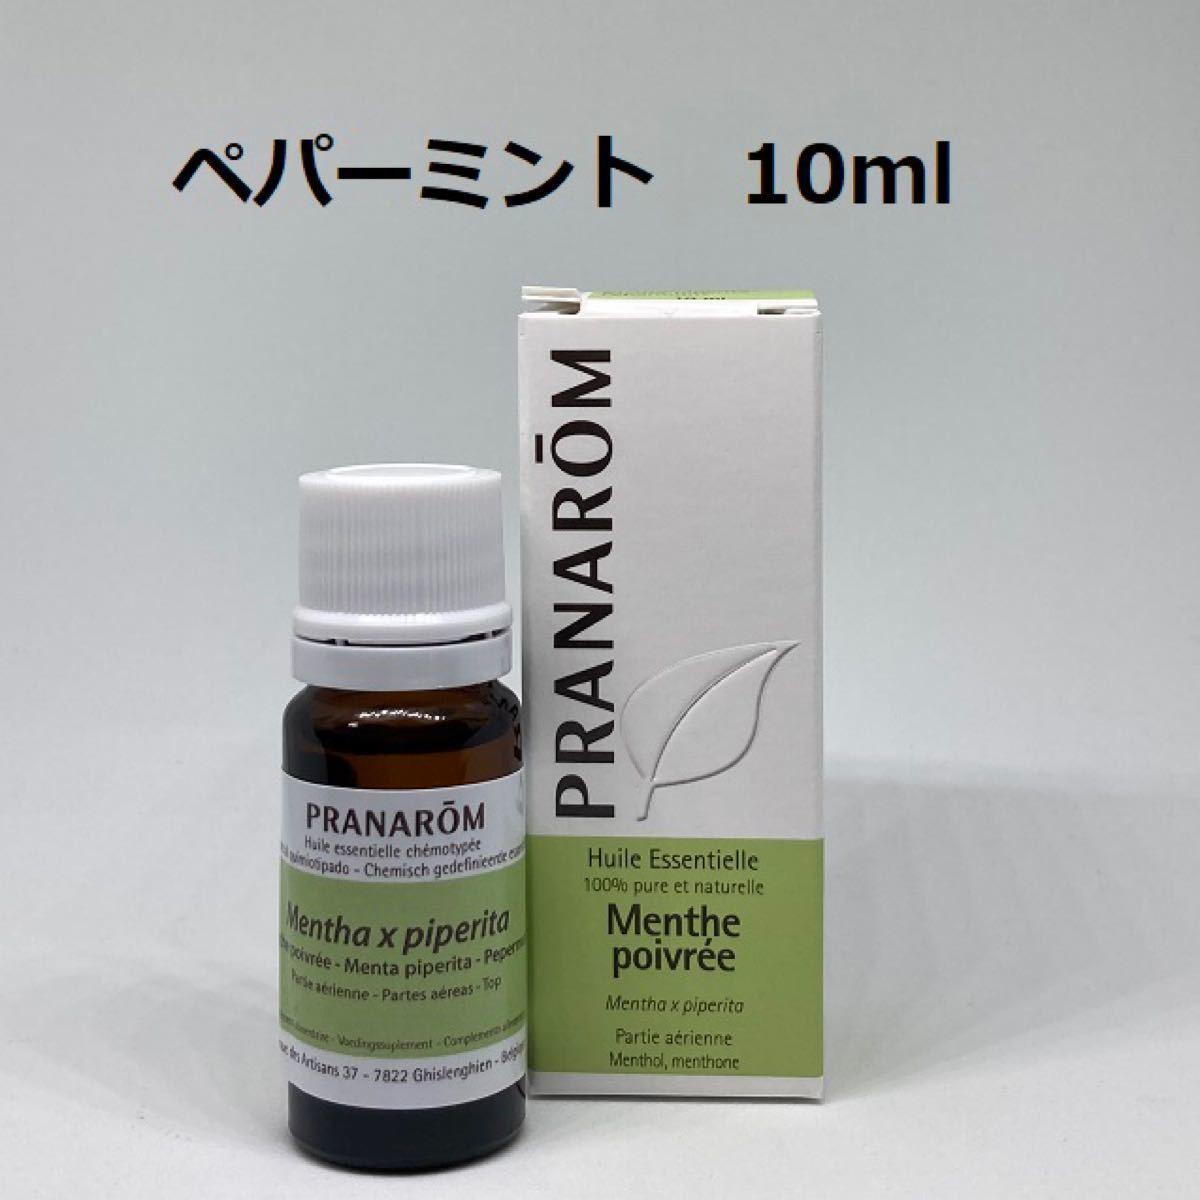 プラナロム ペパーミント 10ml 精油 PRANAROM